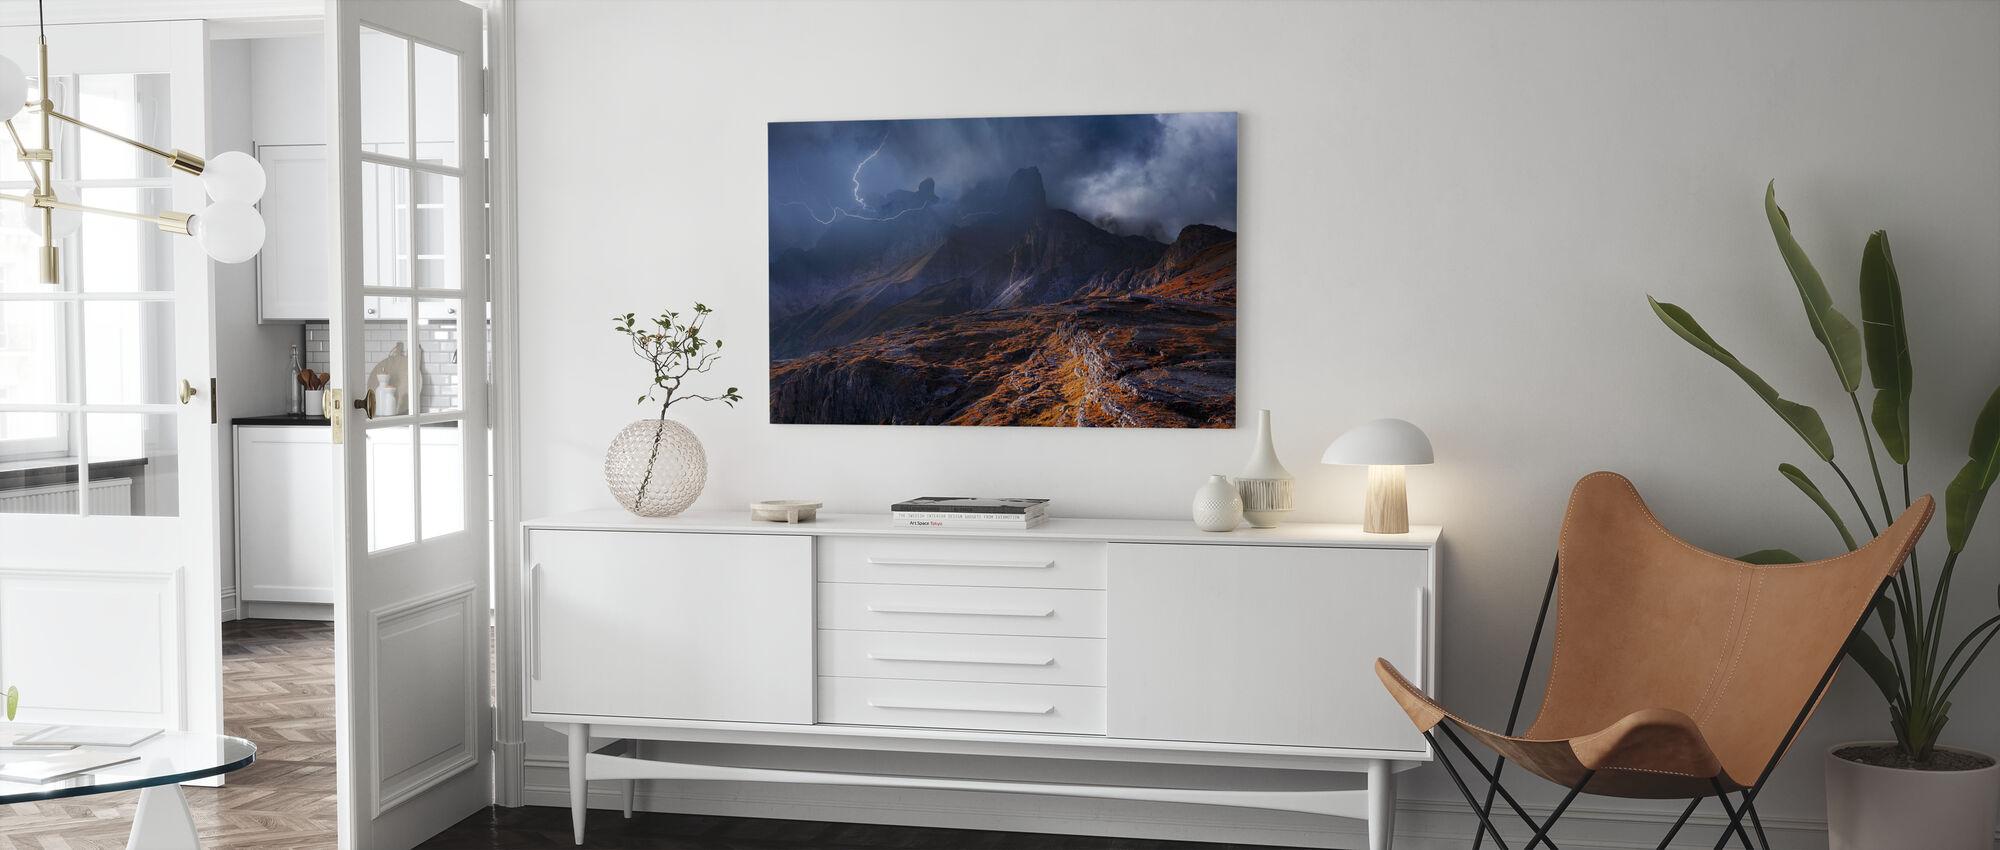 Mountain weer - Canvas print - Woonkamer